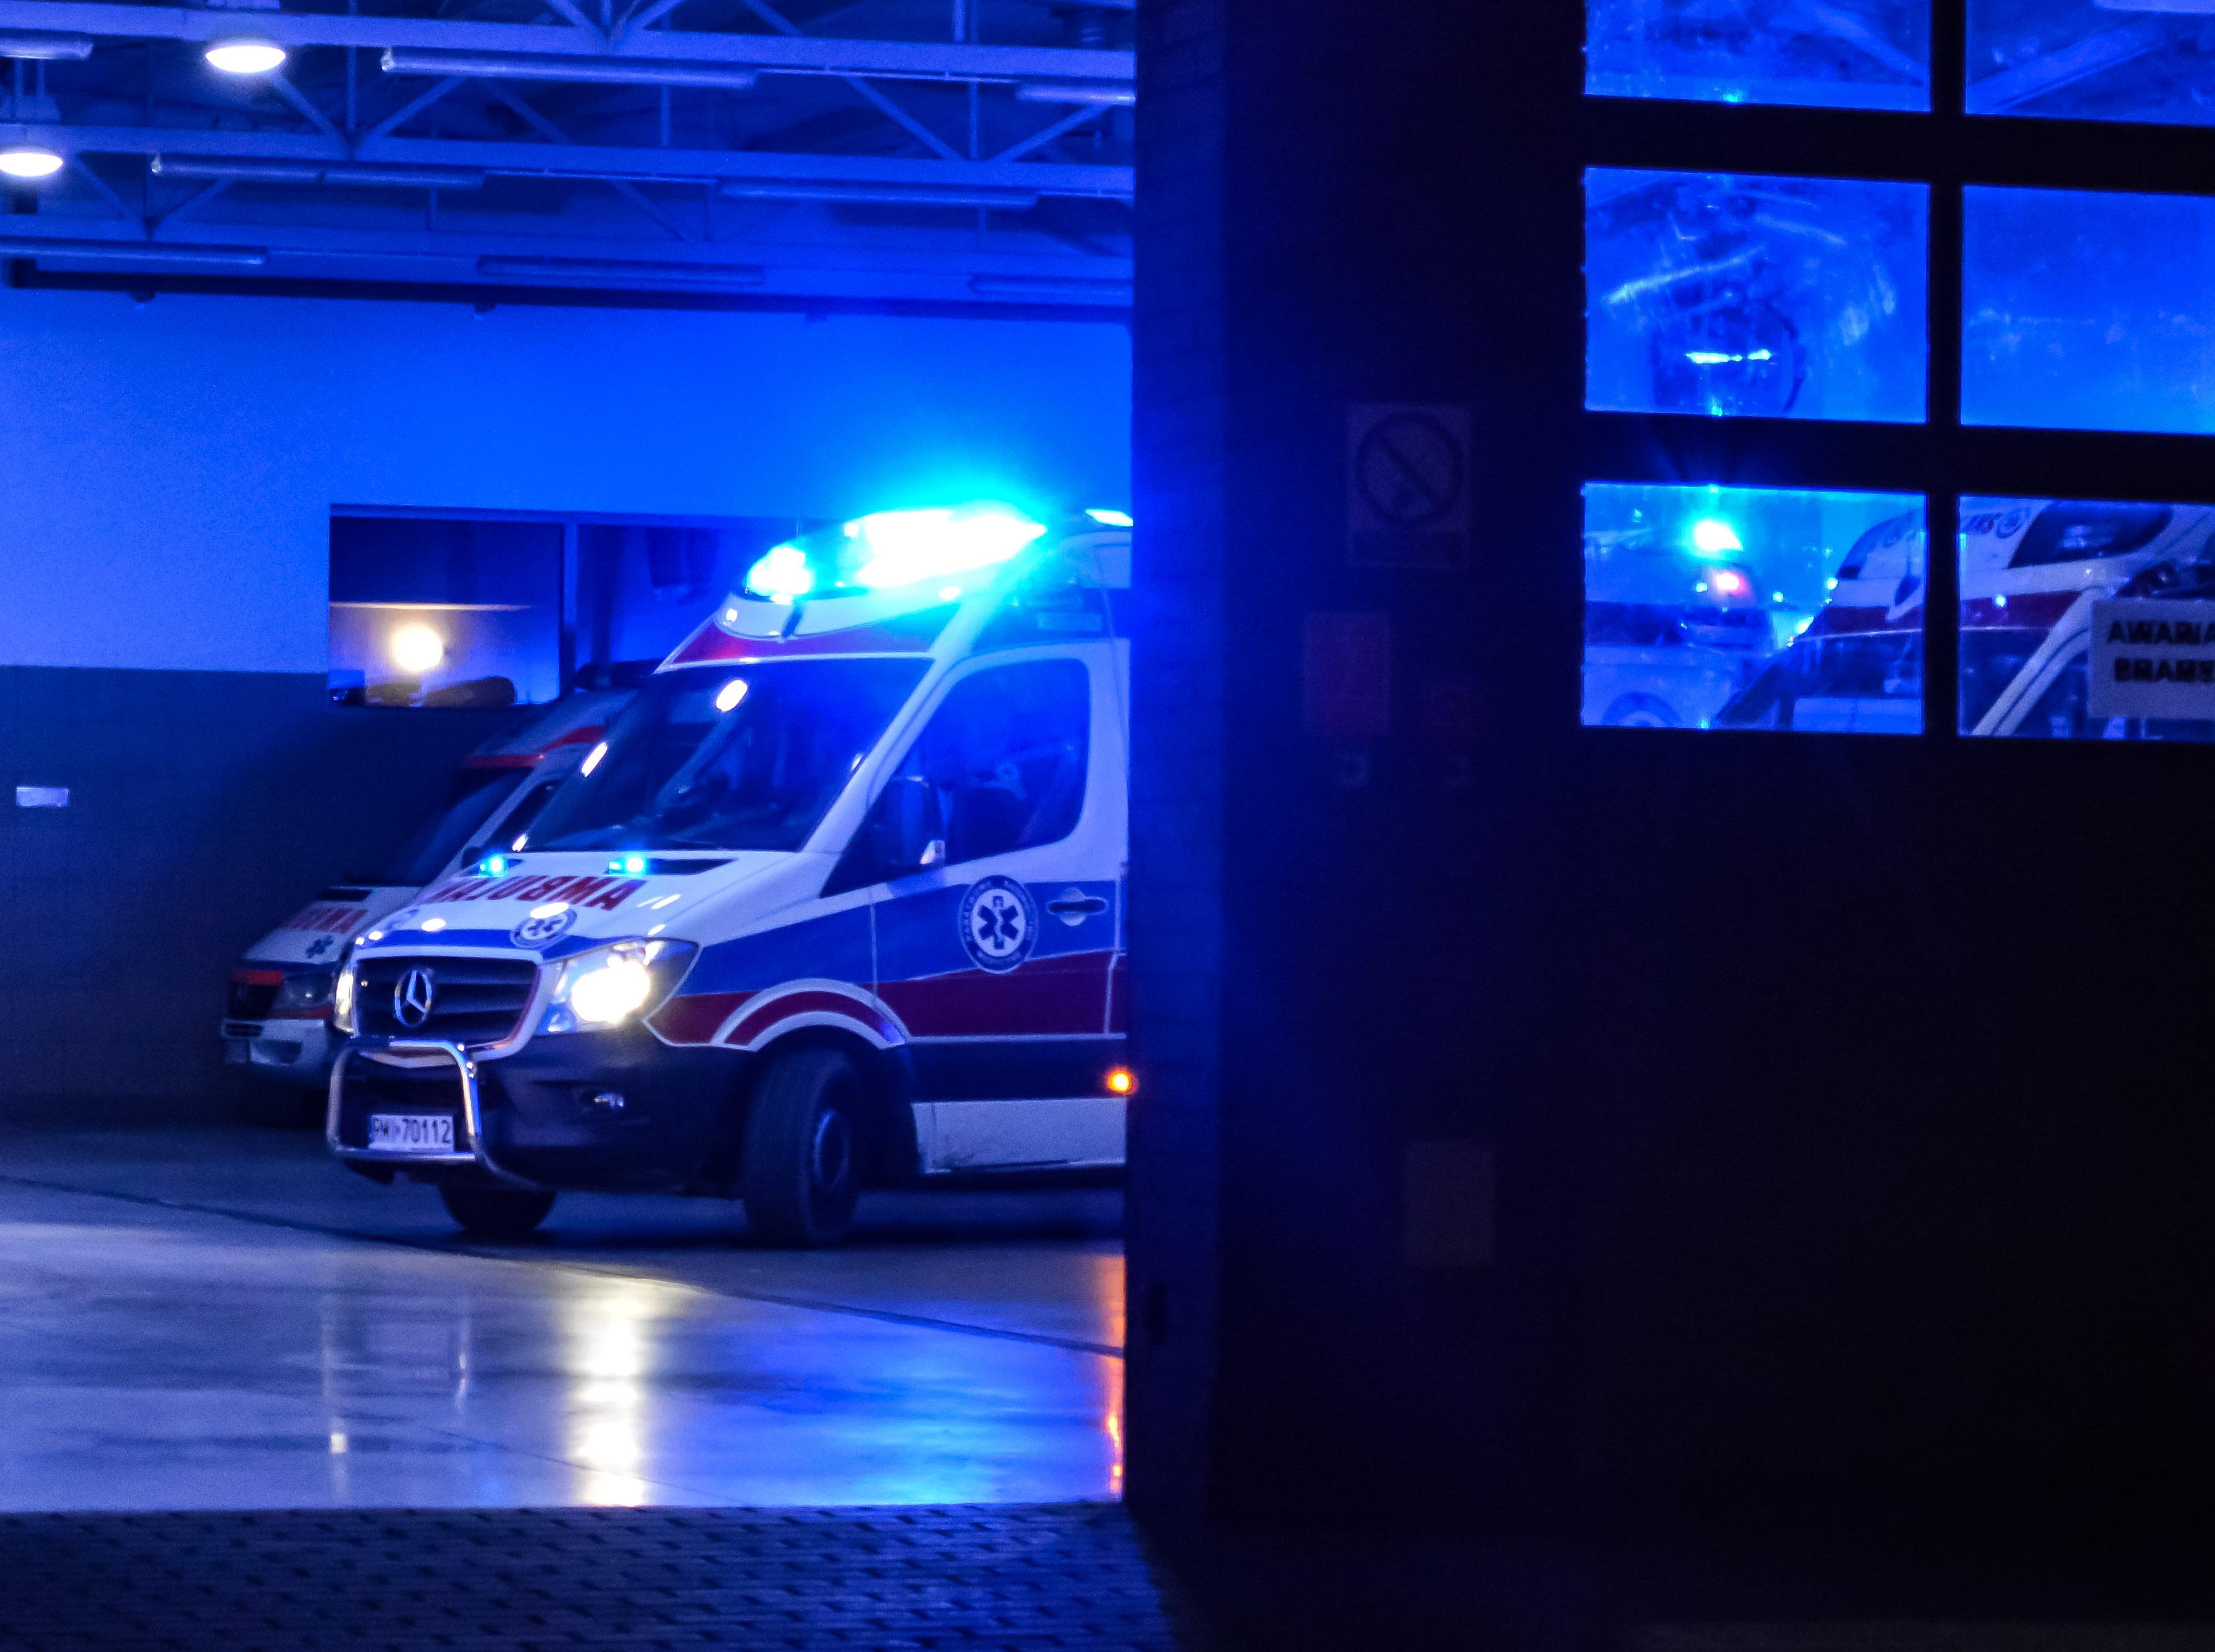 Nocna interwencja służb ratunkowych przy ul. Kusocińskiego. Co się wydarzyło?  - Zdjęcie główne